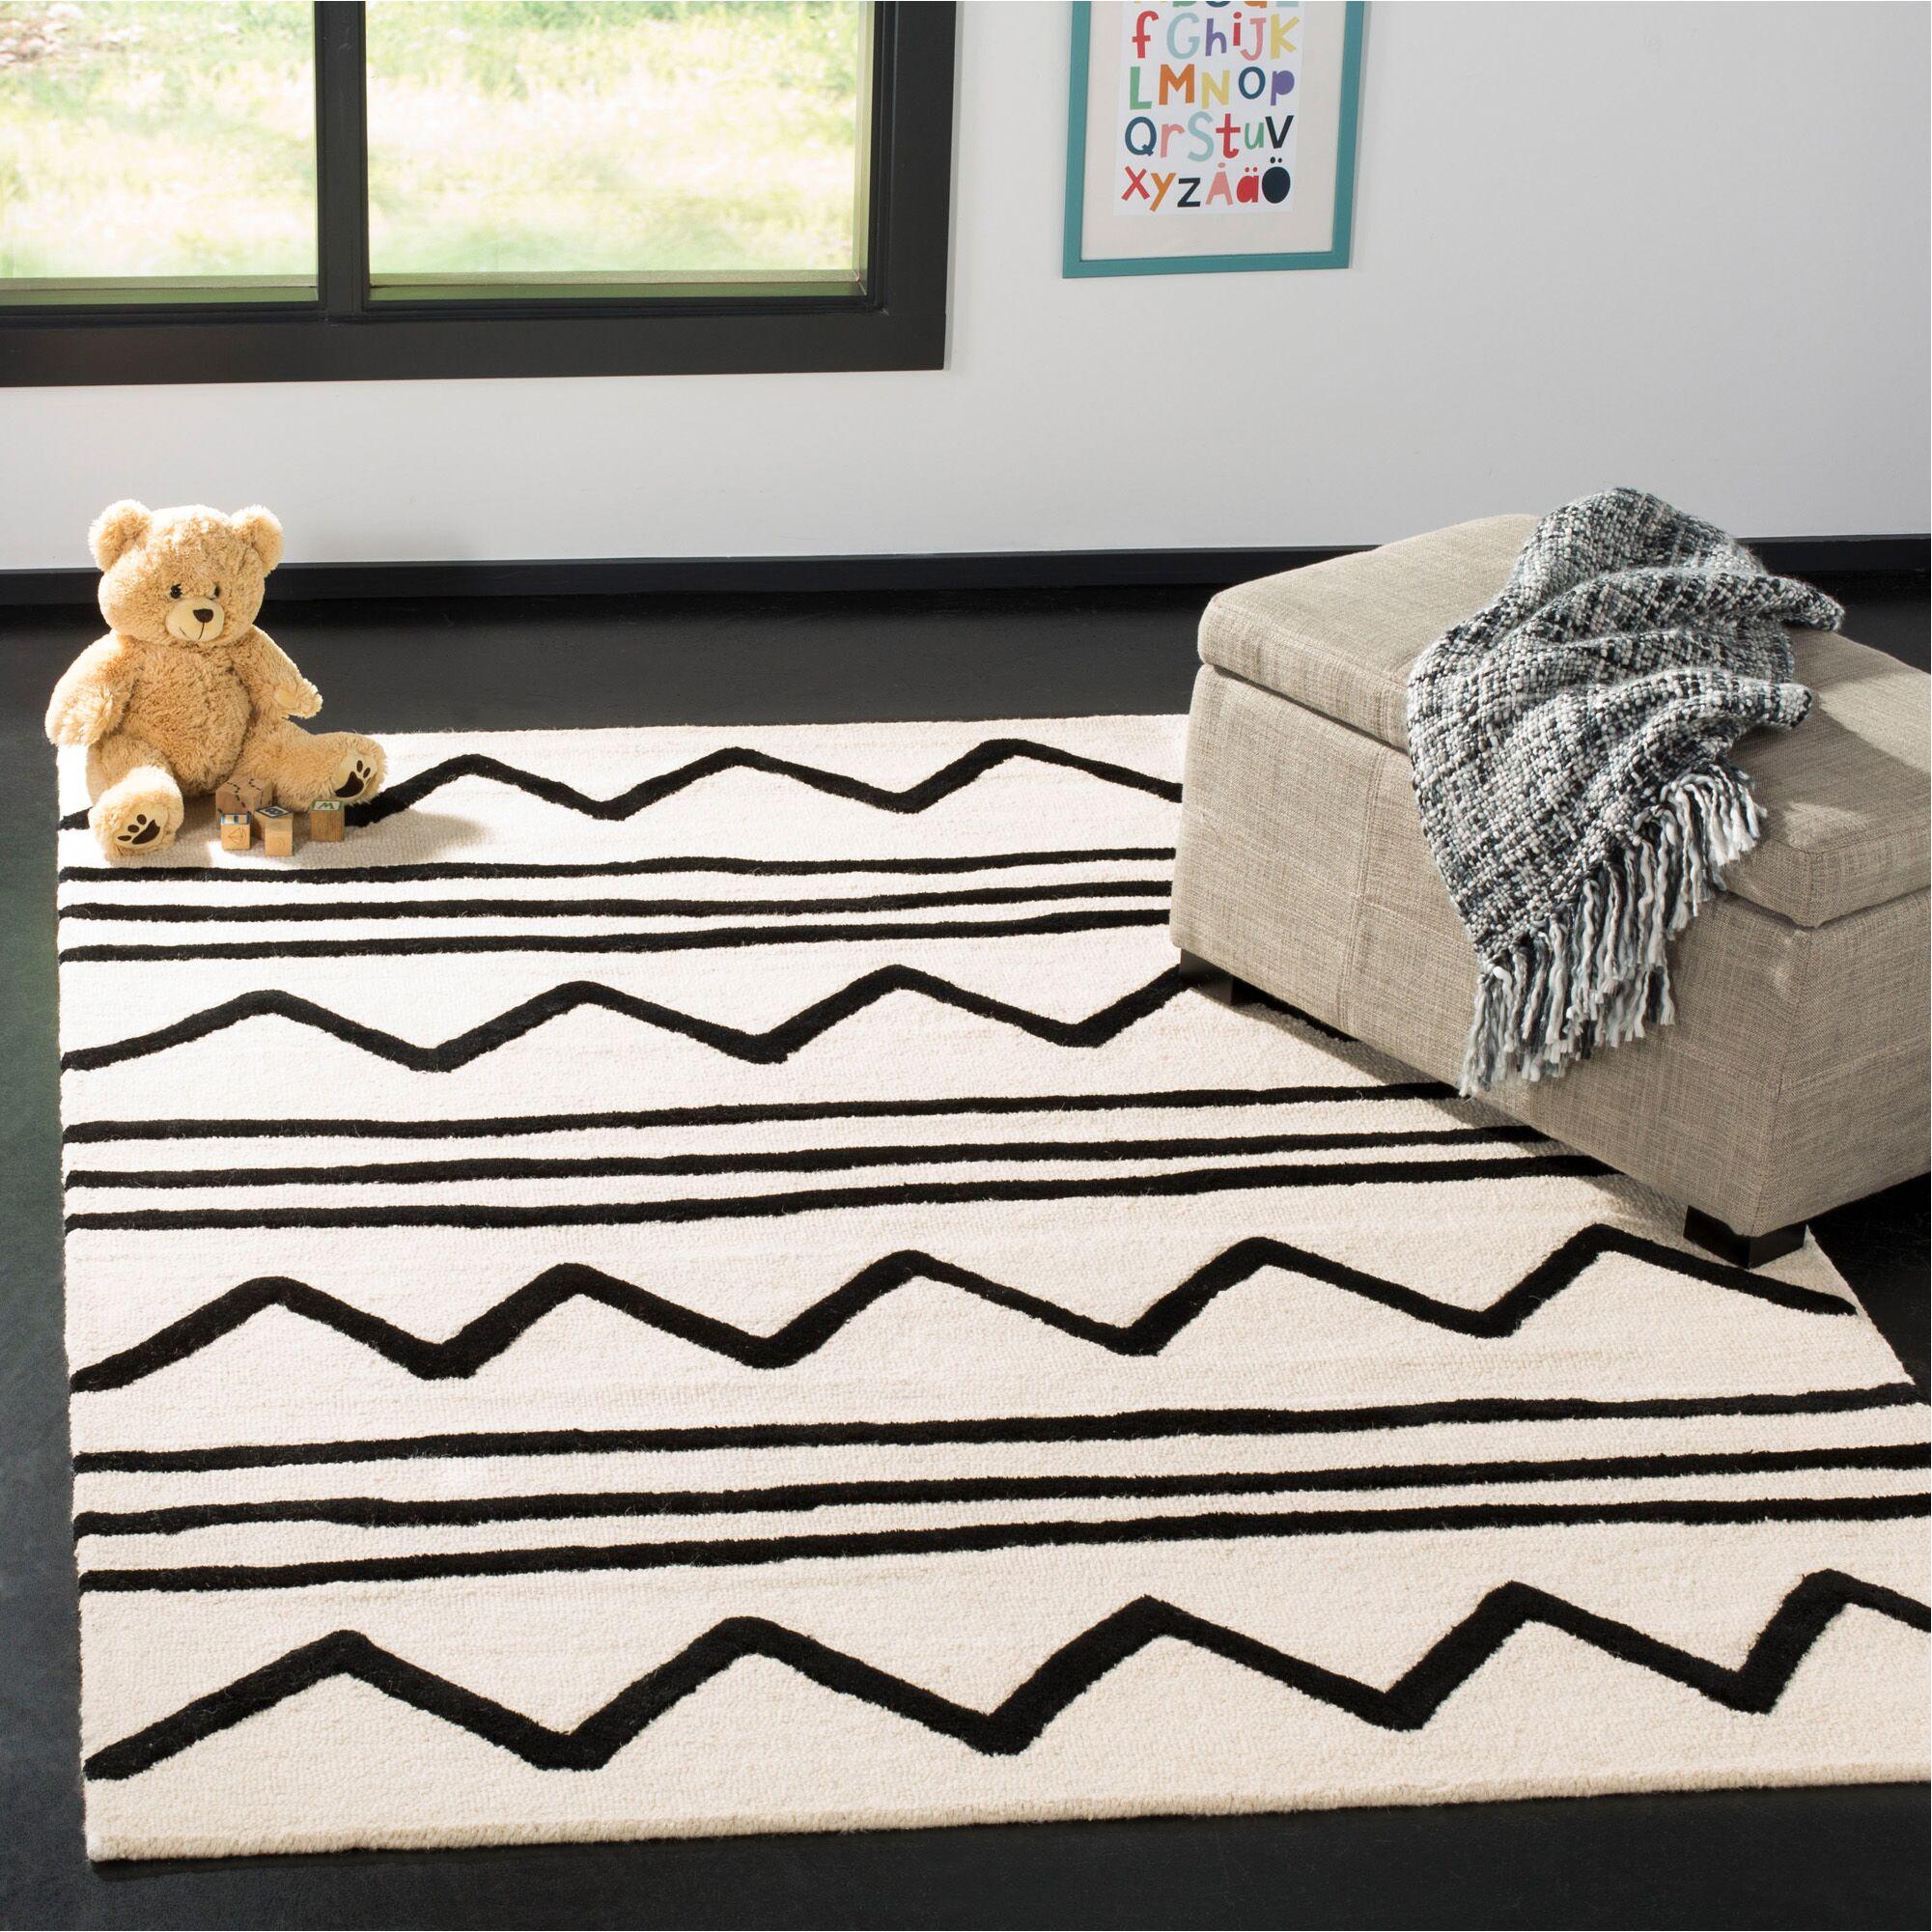 Claro Zigzag Hand-Tufted Ivory/Black Area Rug Rug Size: Rectangle 5' x 7'